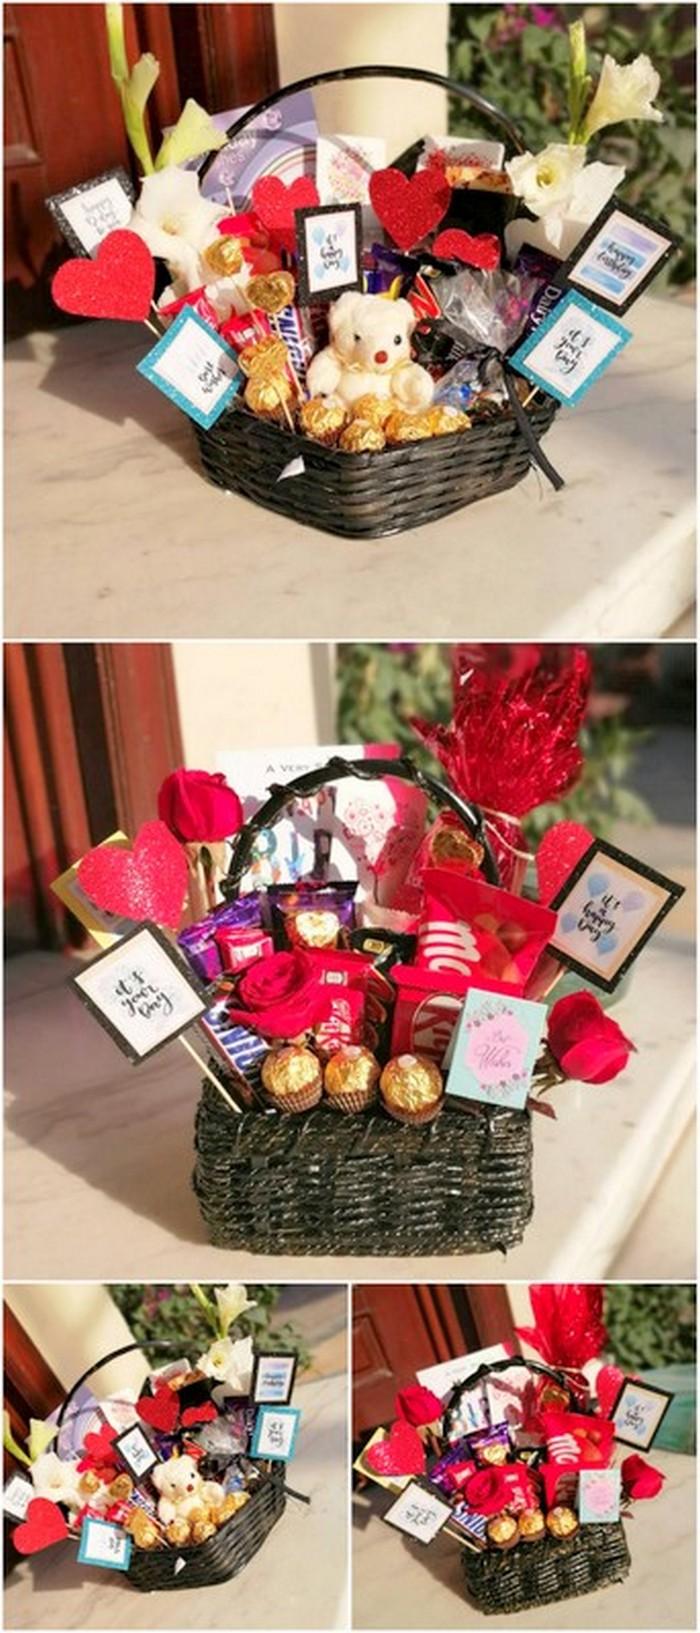 adorable gift basket design